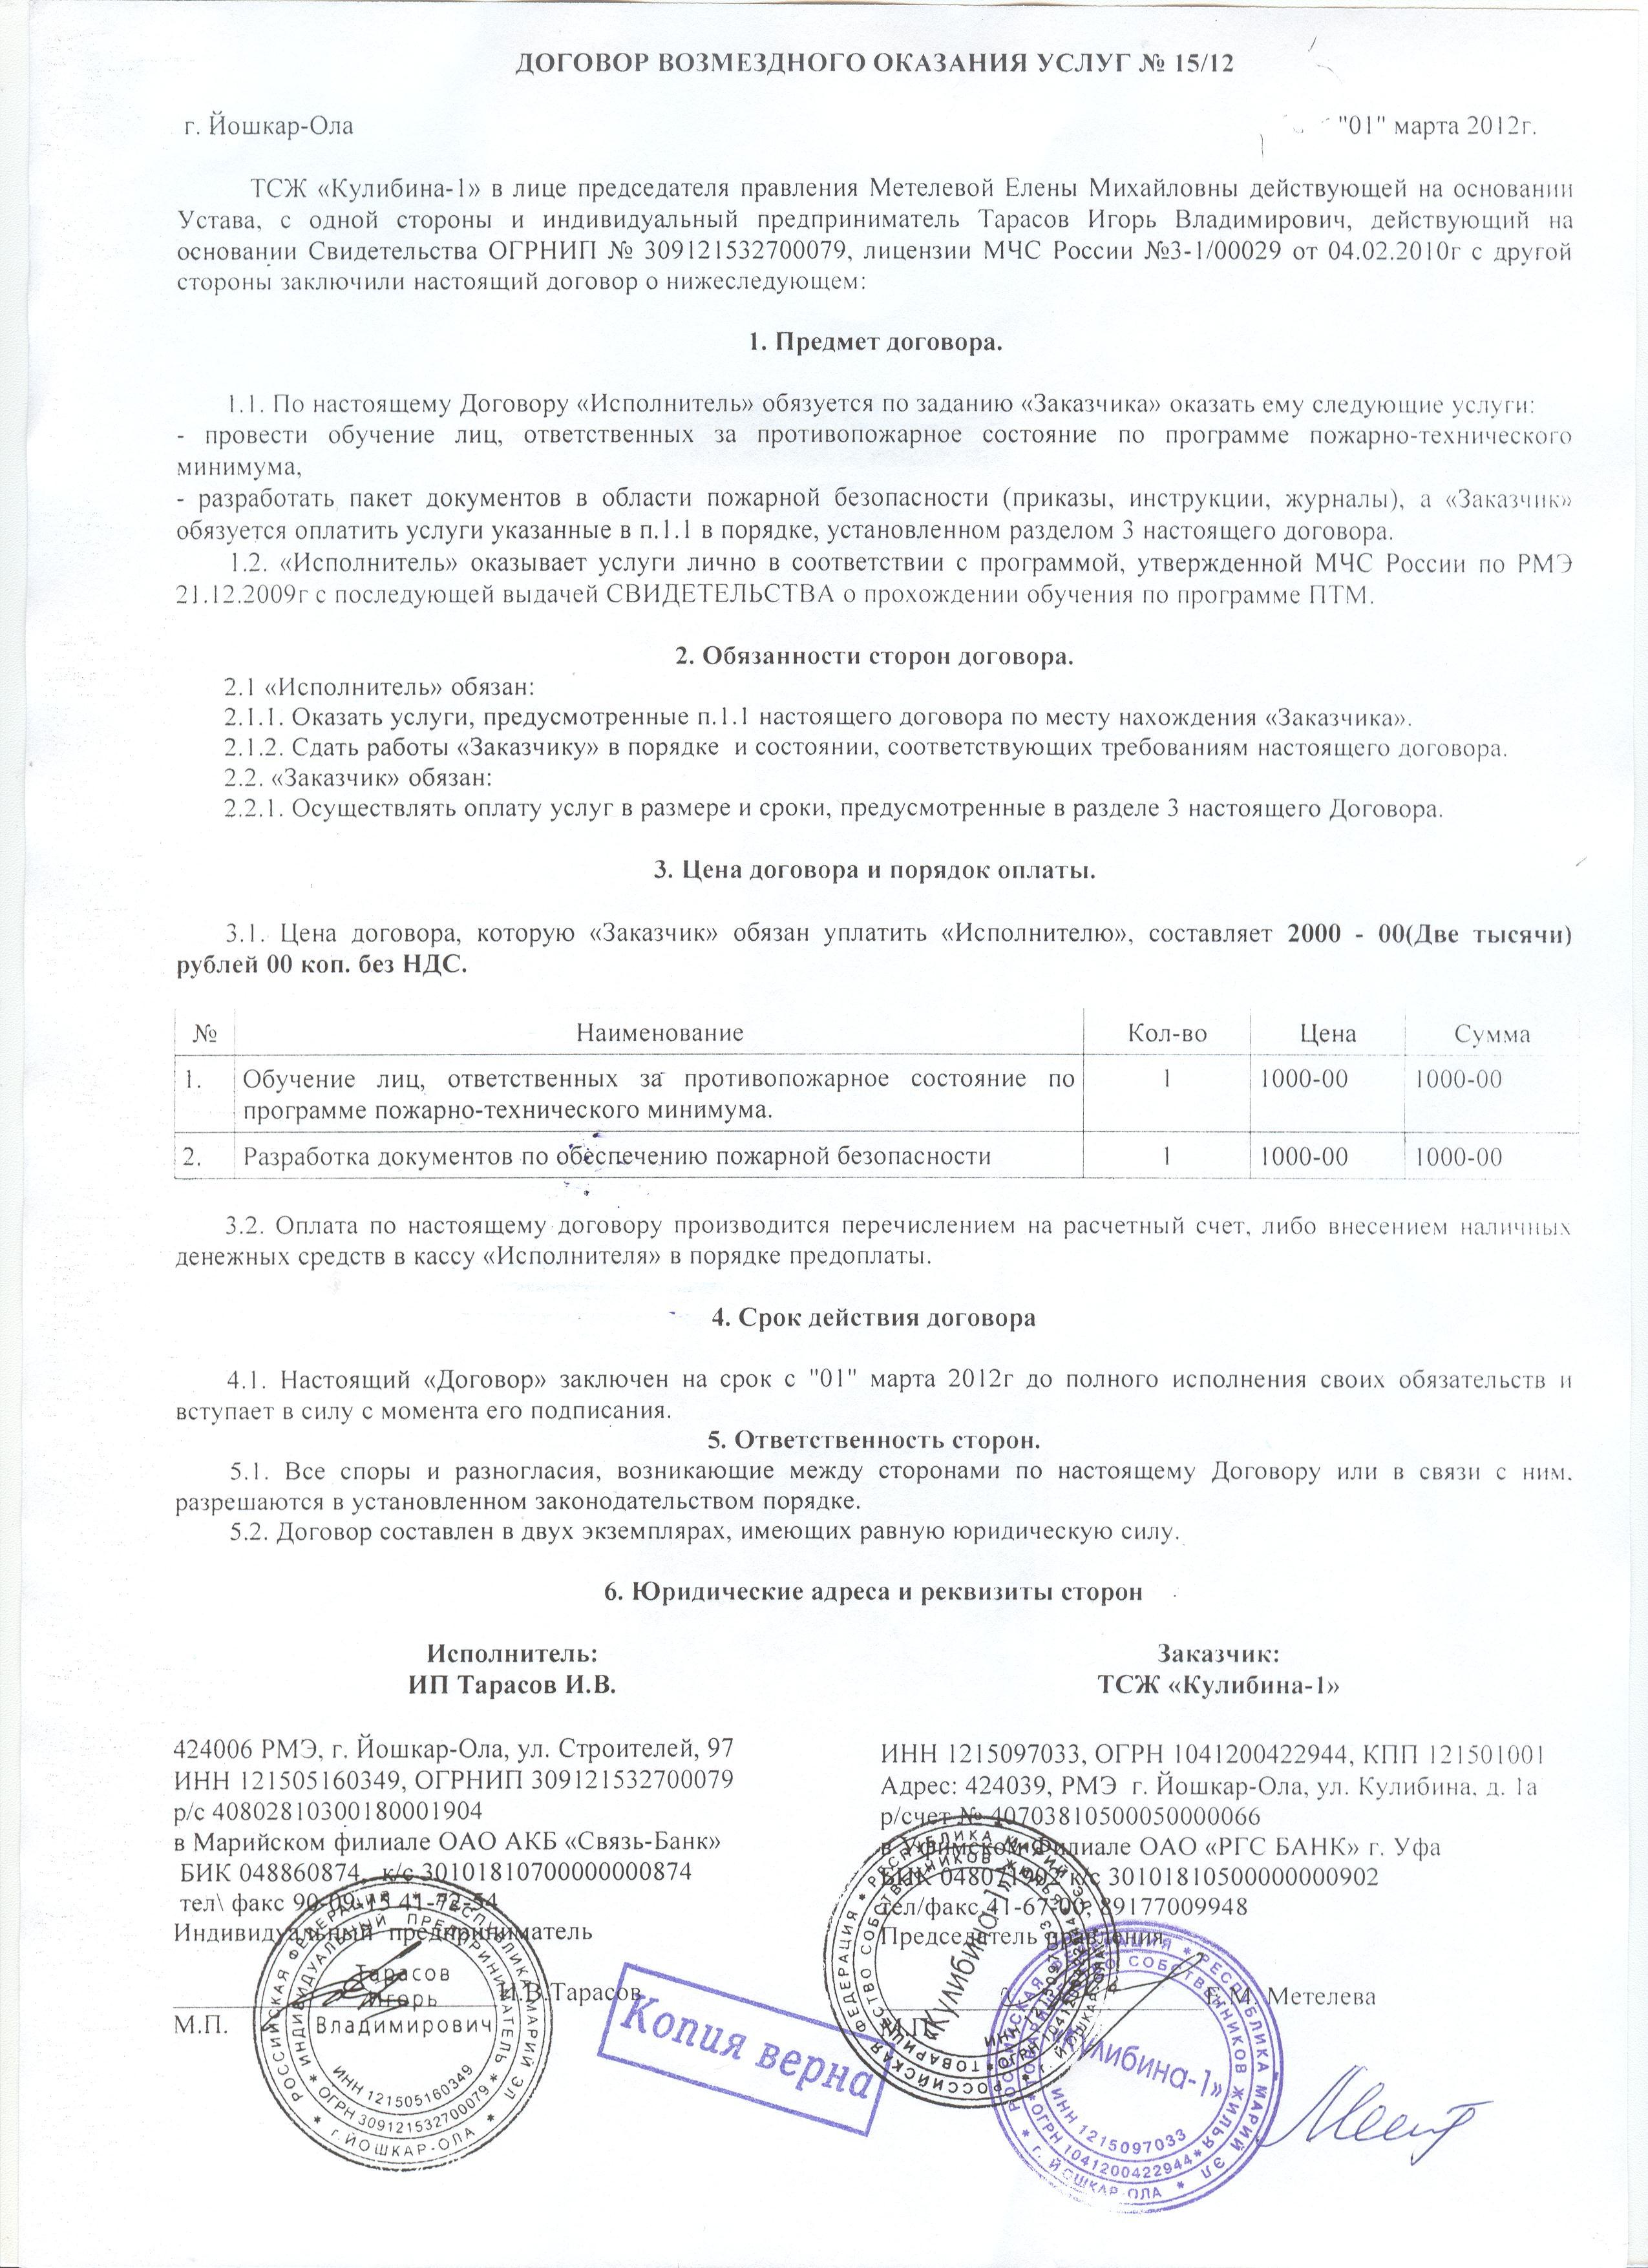 образец договора о предоставлении услуг физическим лицам состав термобелья для